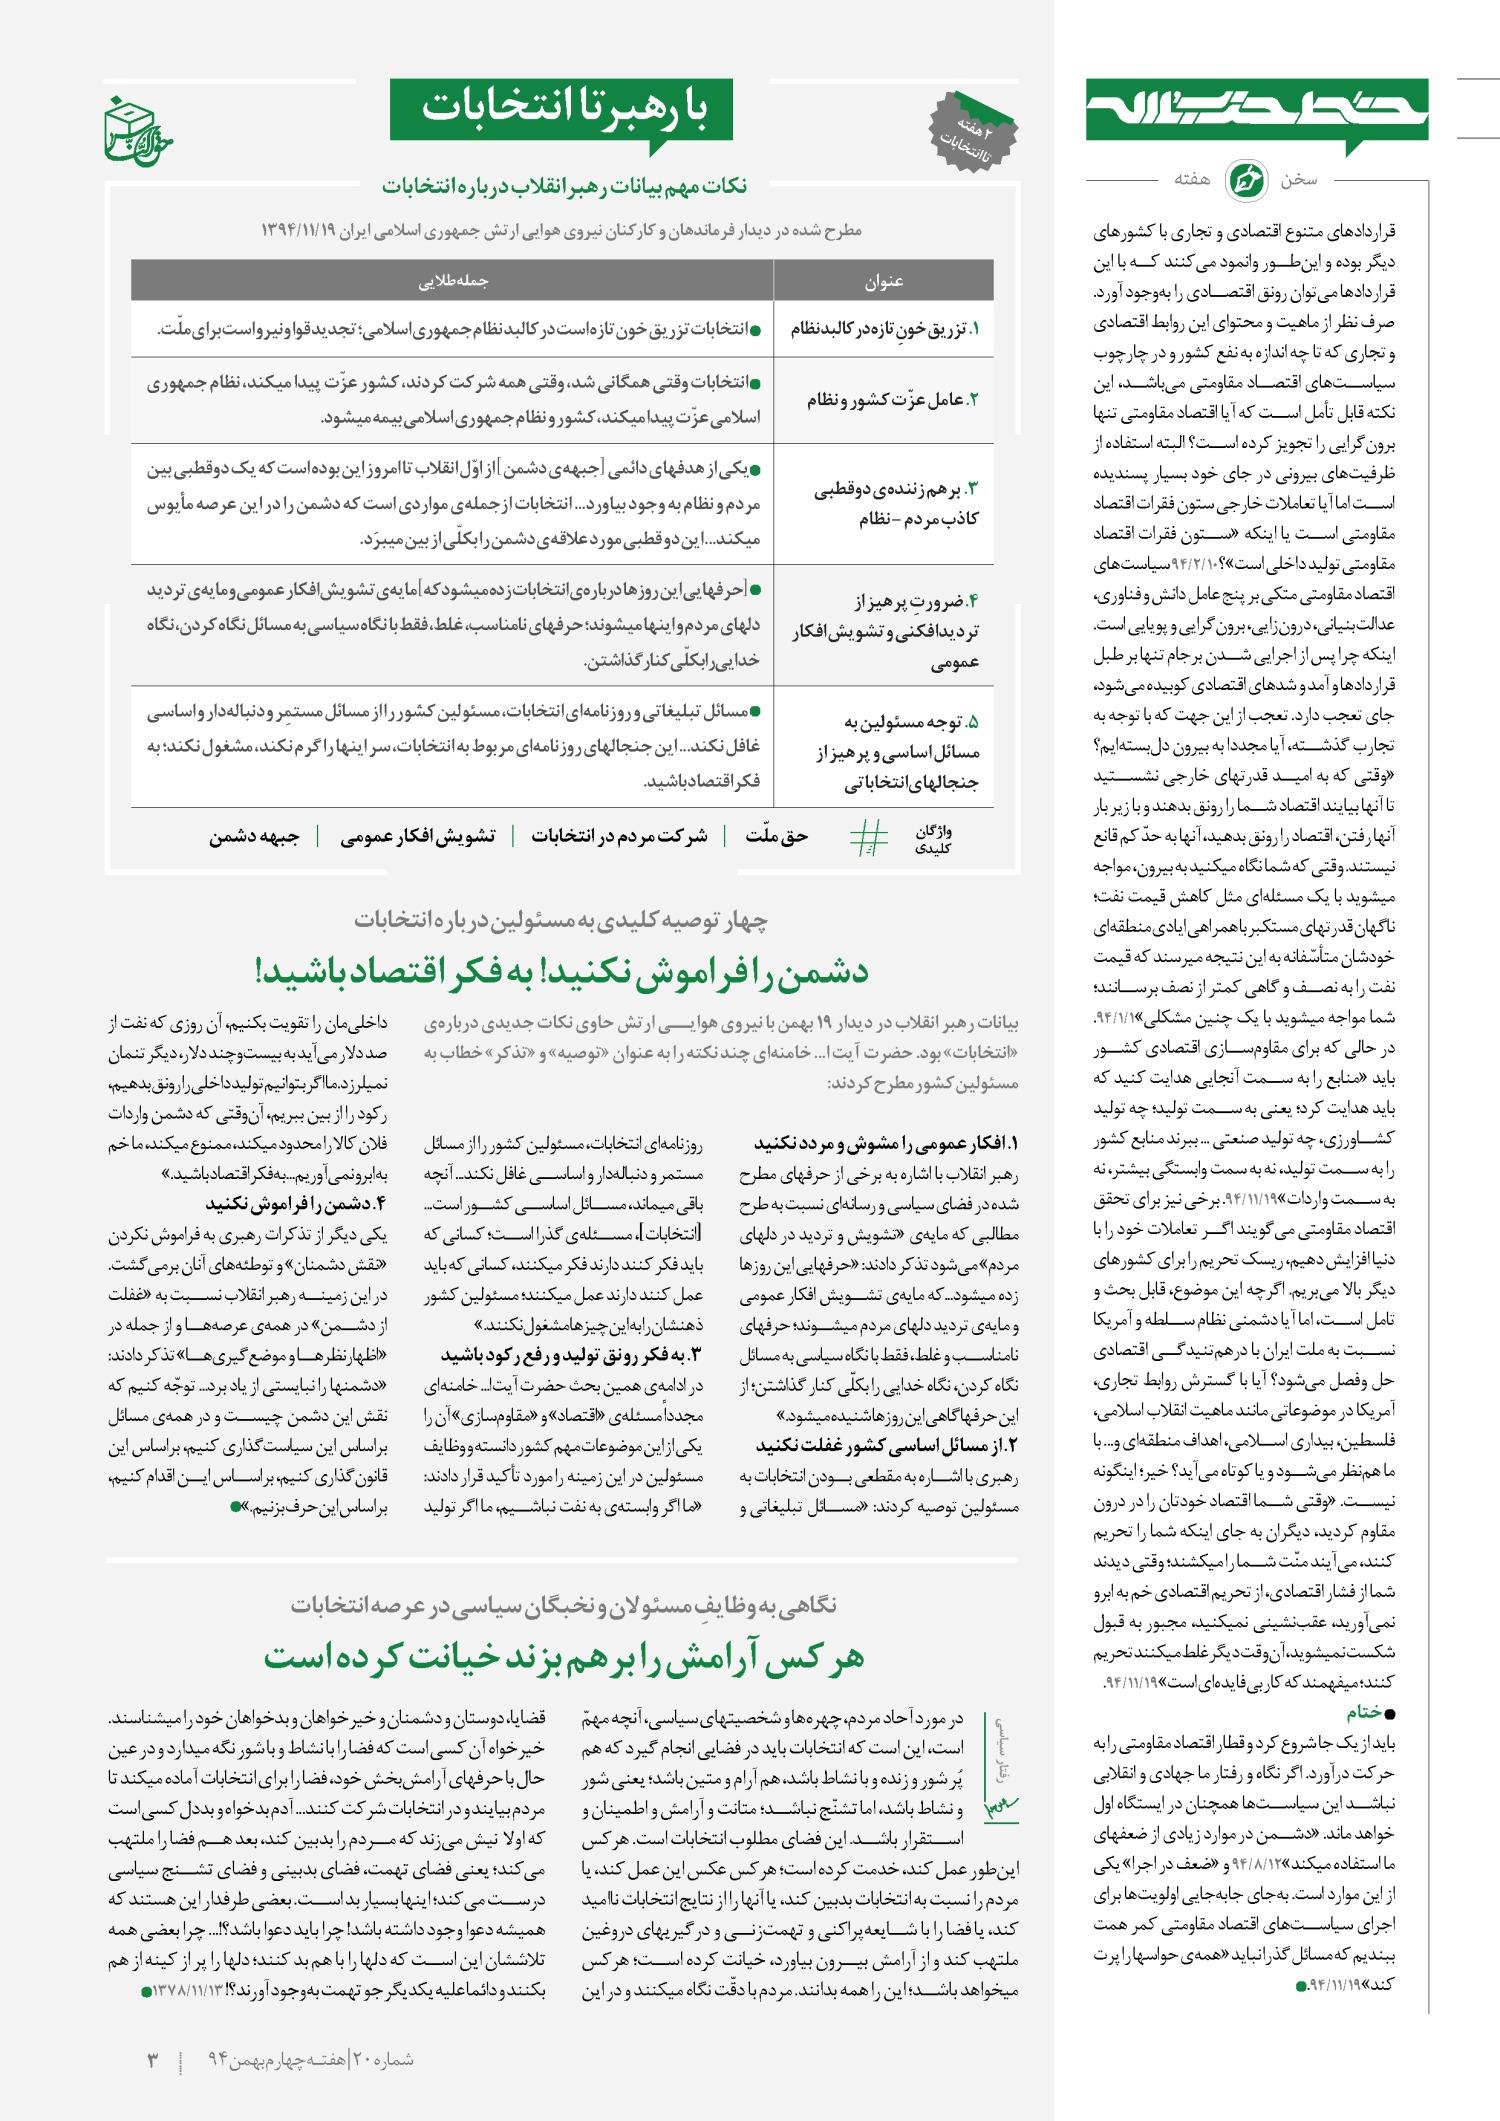 خط حزب الله -شماره پنجم خط حزب الله -شماره بیستم 46 page large 3